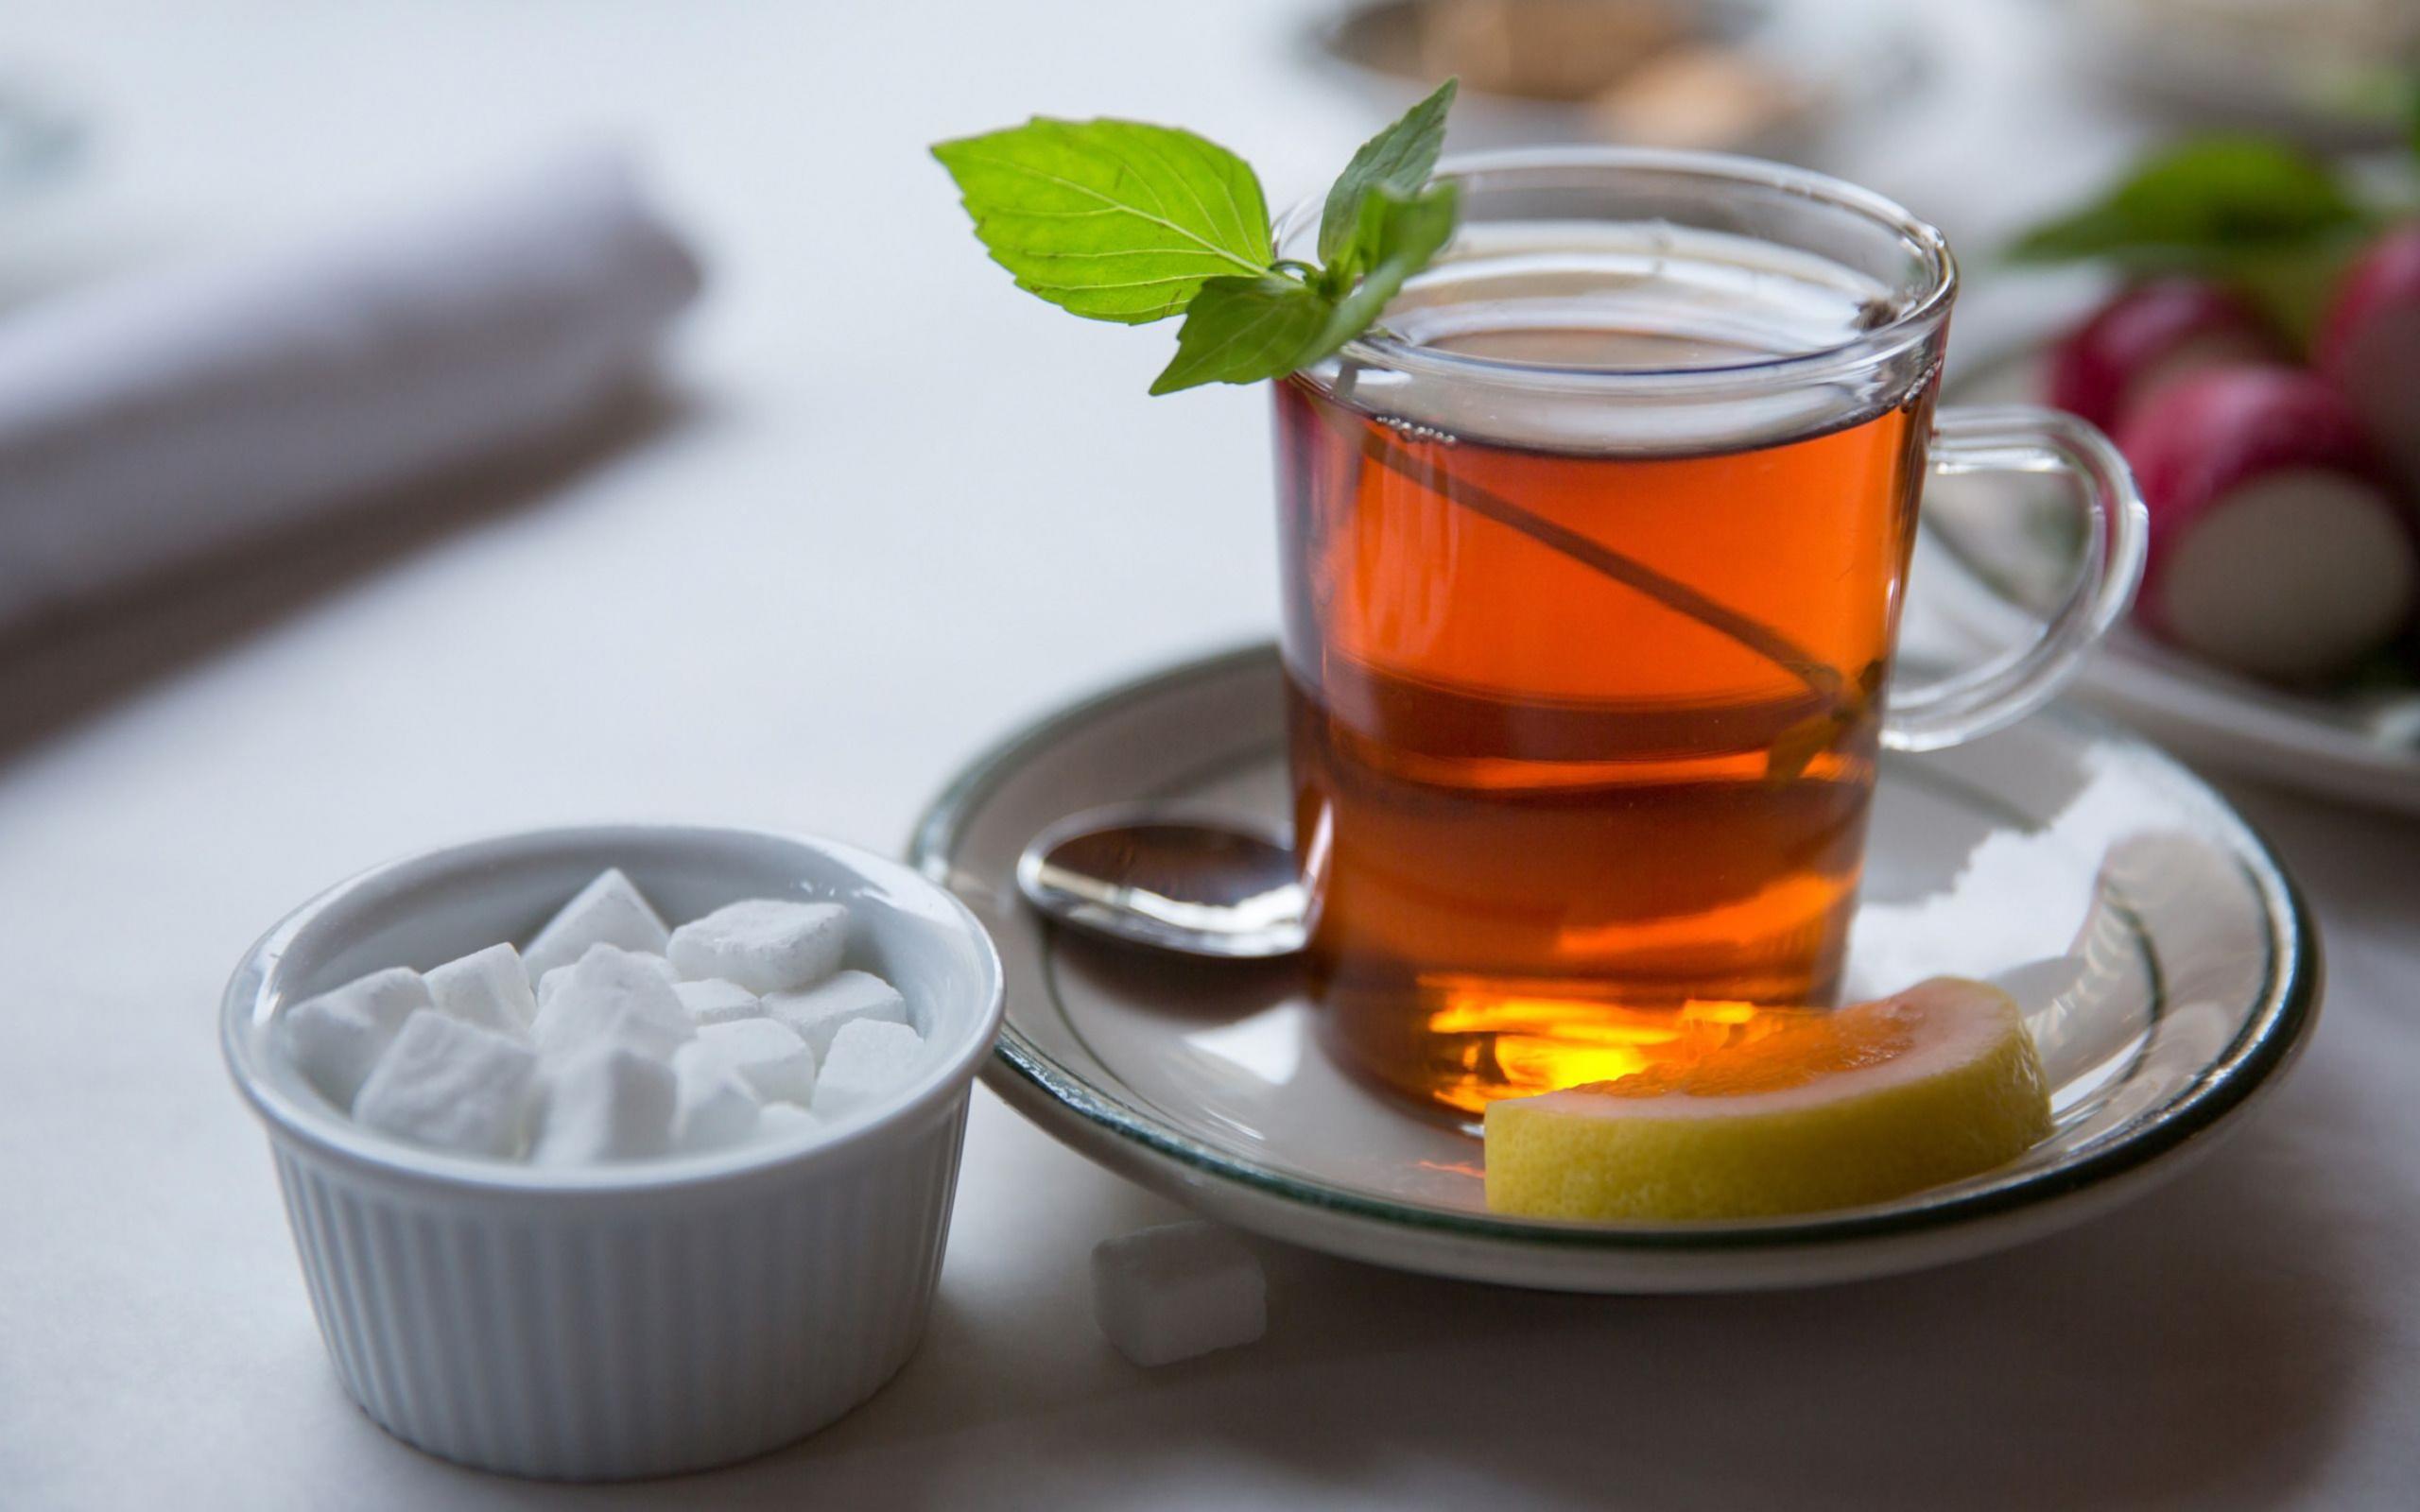 А правильно ли вы пьете чай?